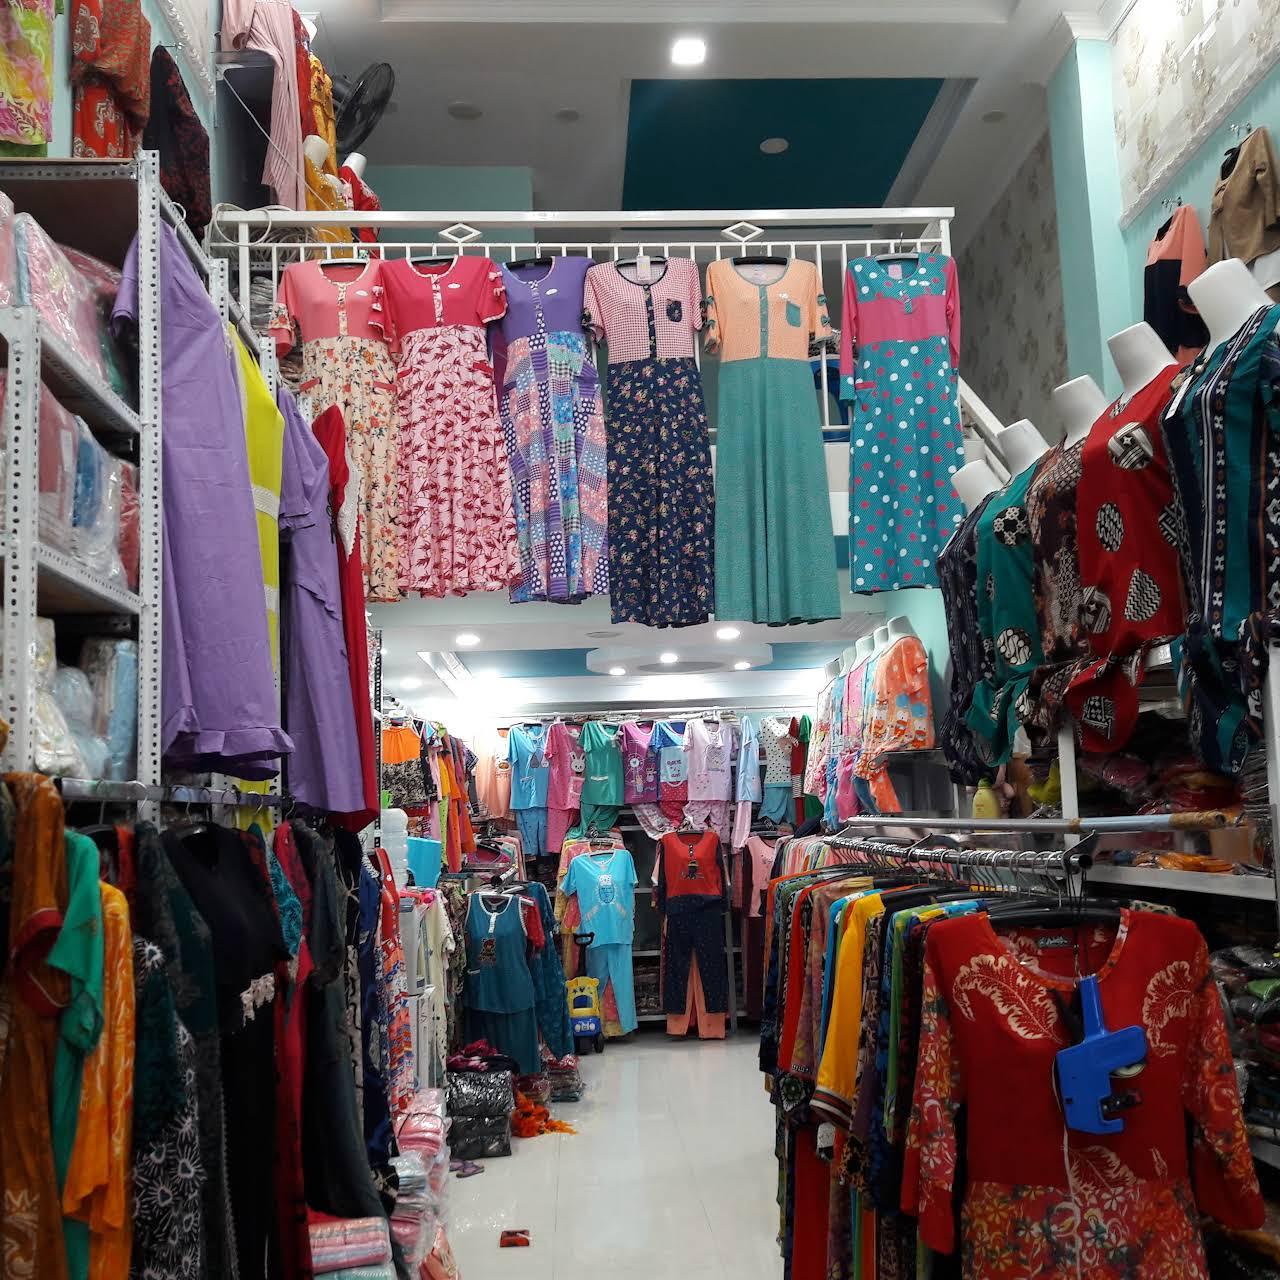 Toko Baju Batik Pontianak: Toko Buana Batik